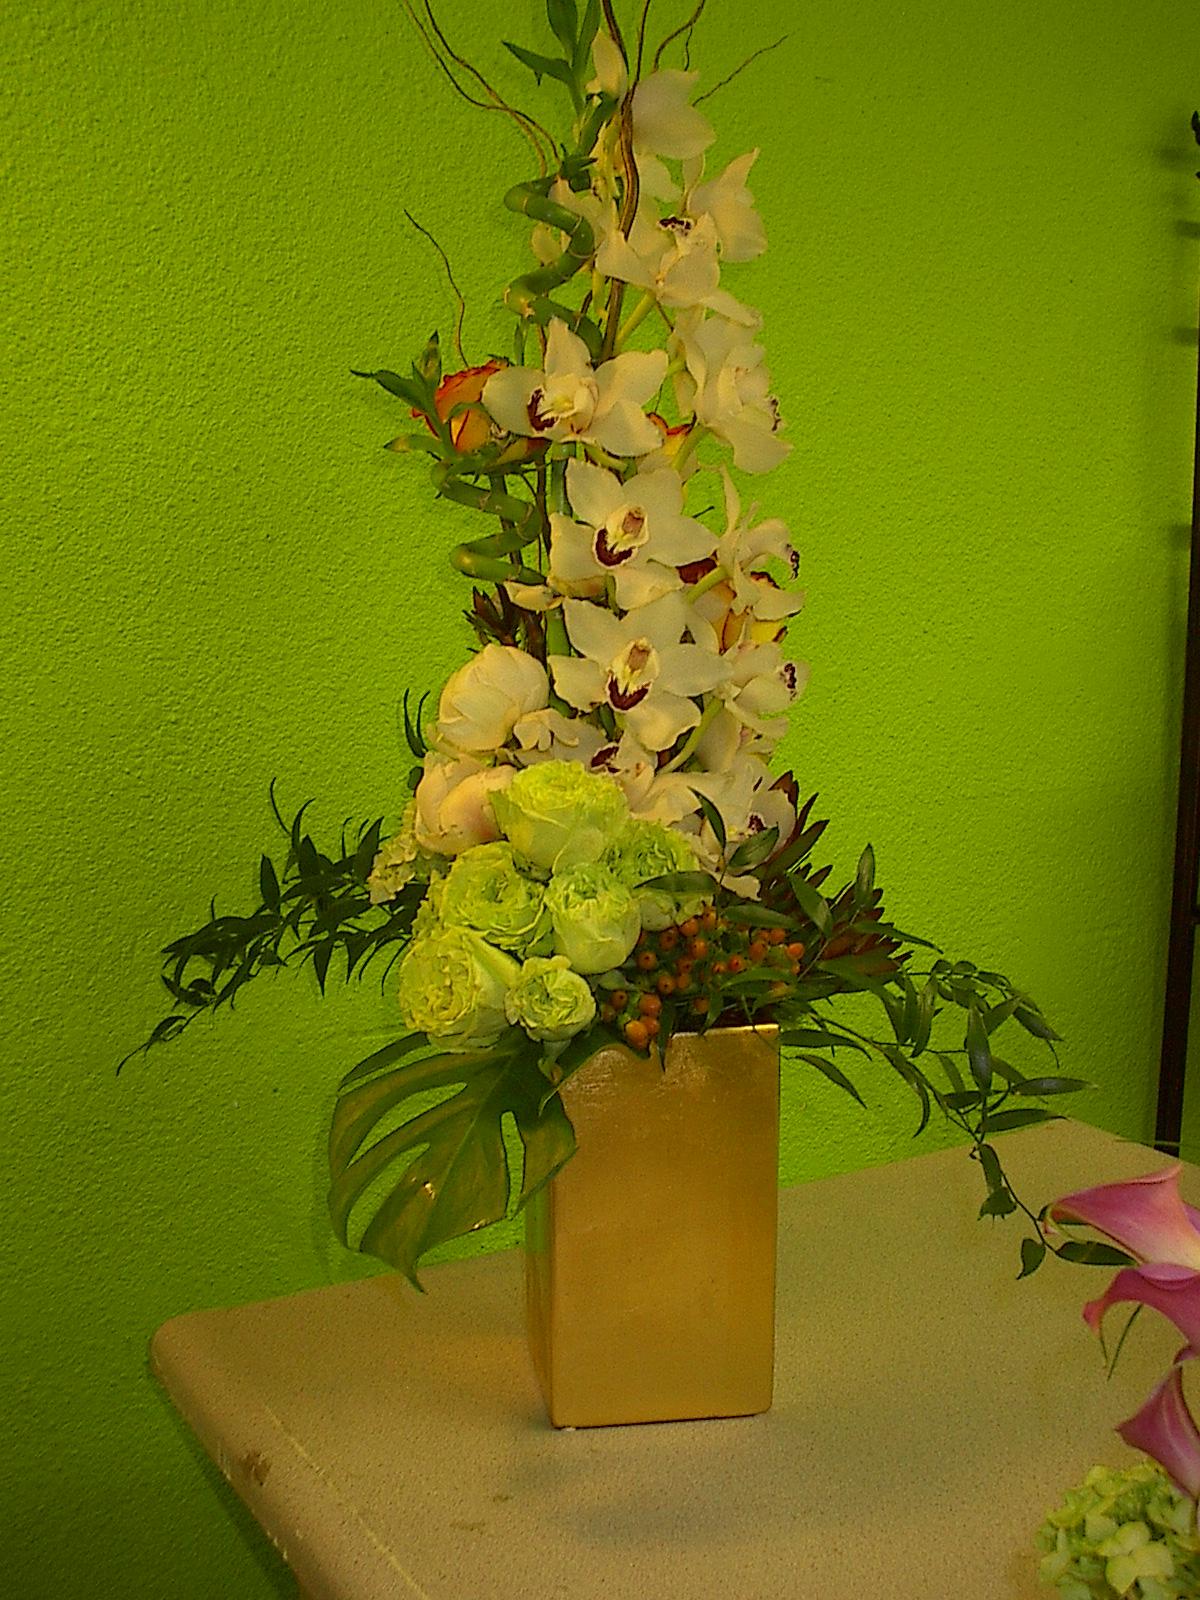 Las Vegas Flowers Premier Event Florists Flowers Las